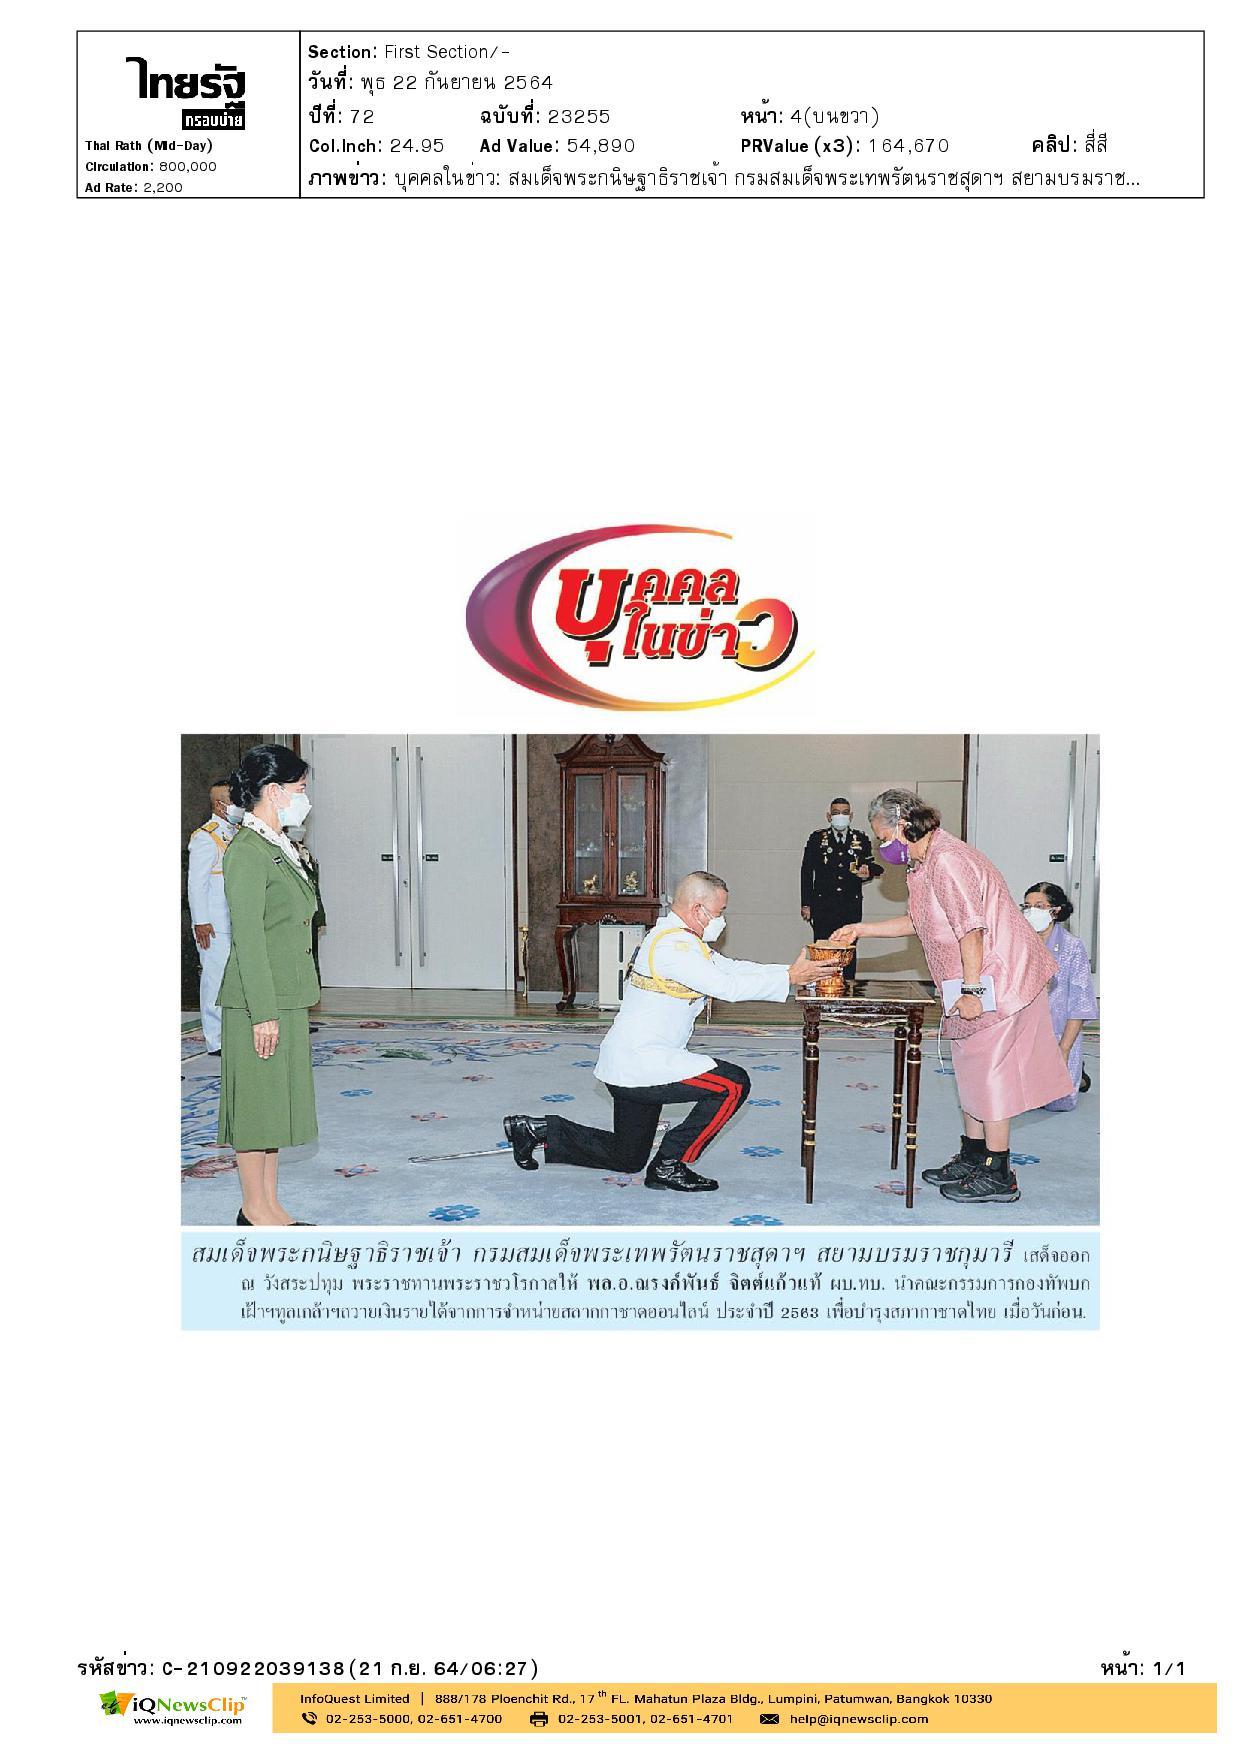 เฝ้าฯ ทูลเกล้าฯ ถวายเงินรายได้จากการจำหน่ายสลากกาชาดในงานกาชาดออนไลน์ ประจำปี 2563 เพื่อบำรุงสภากาชาดไทย